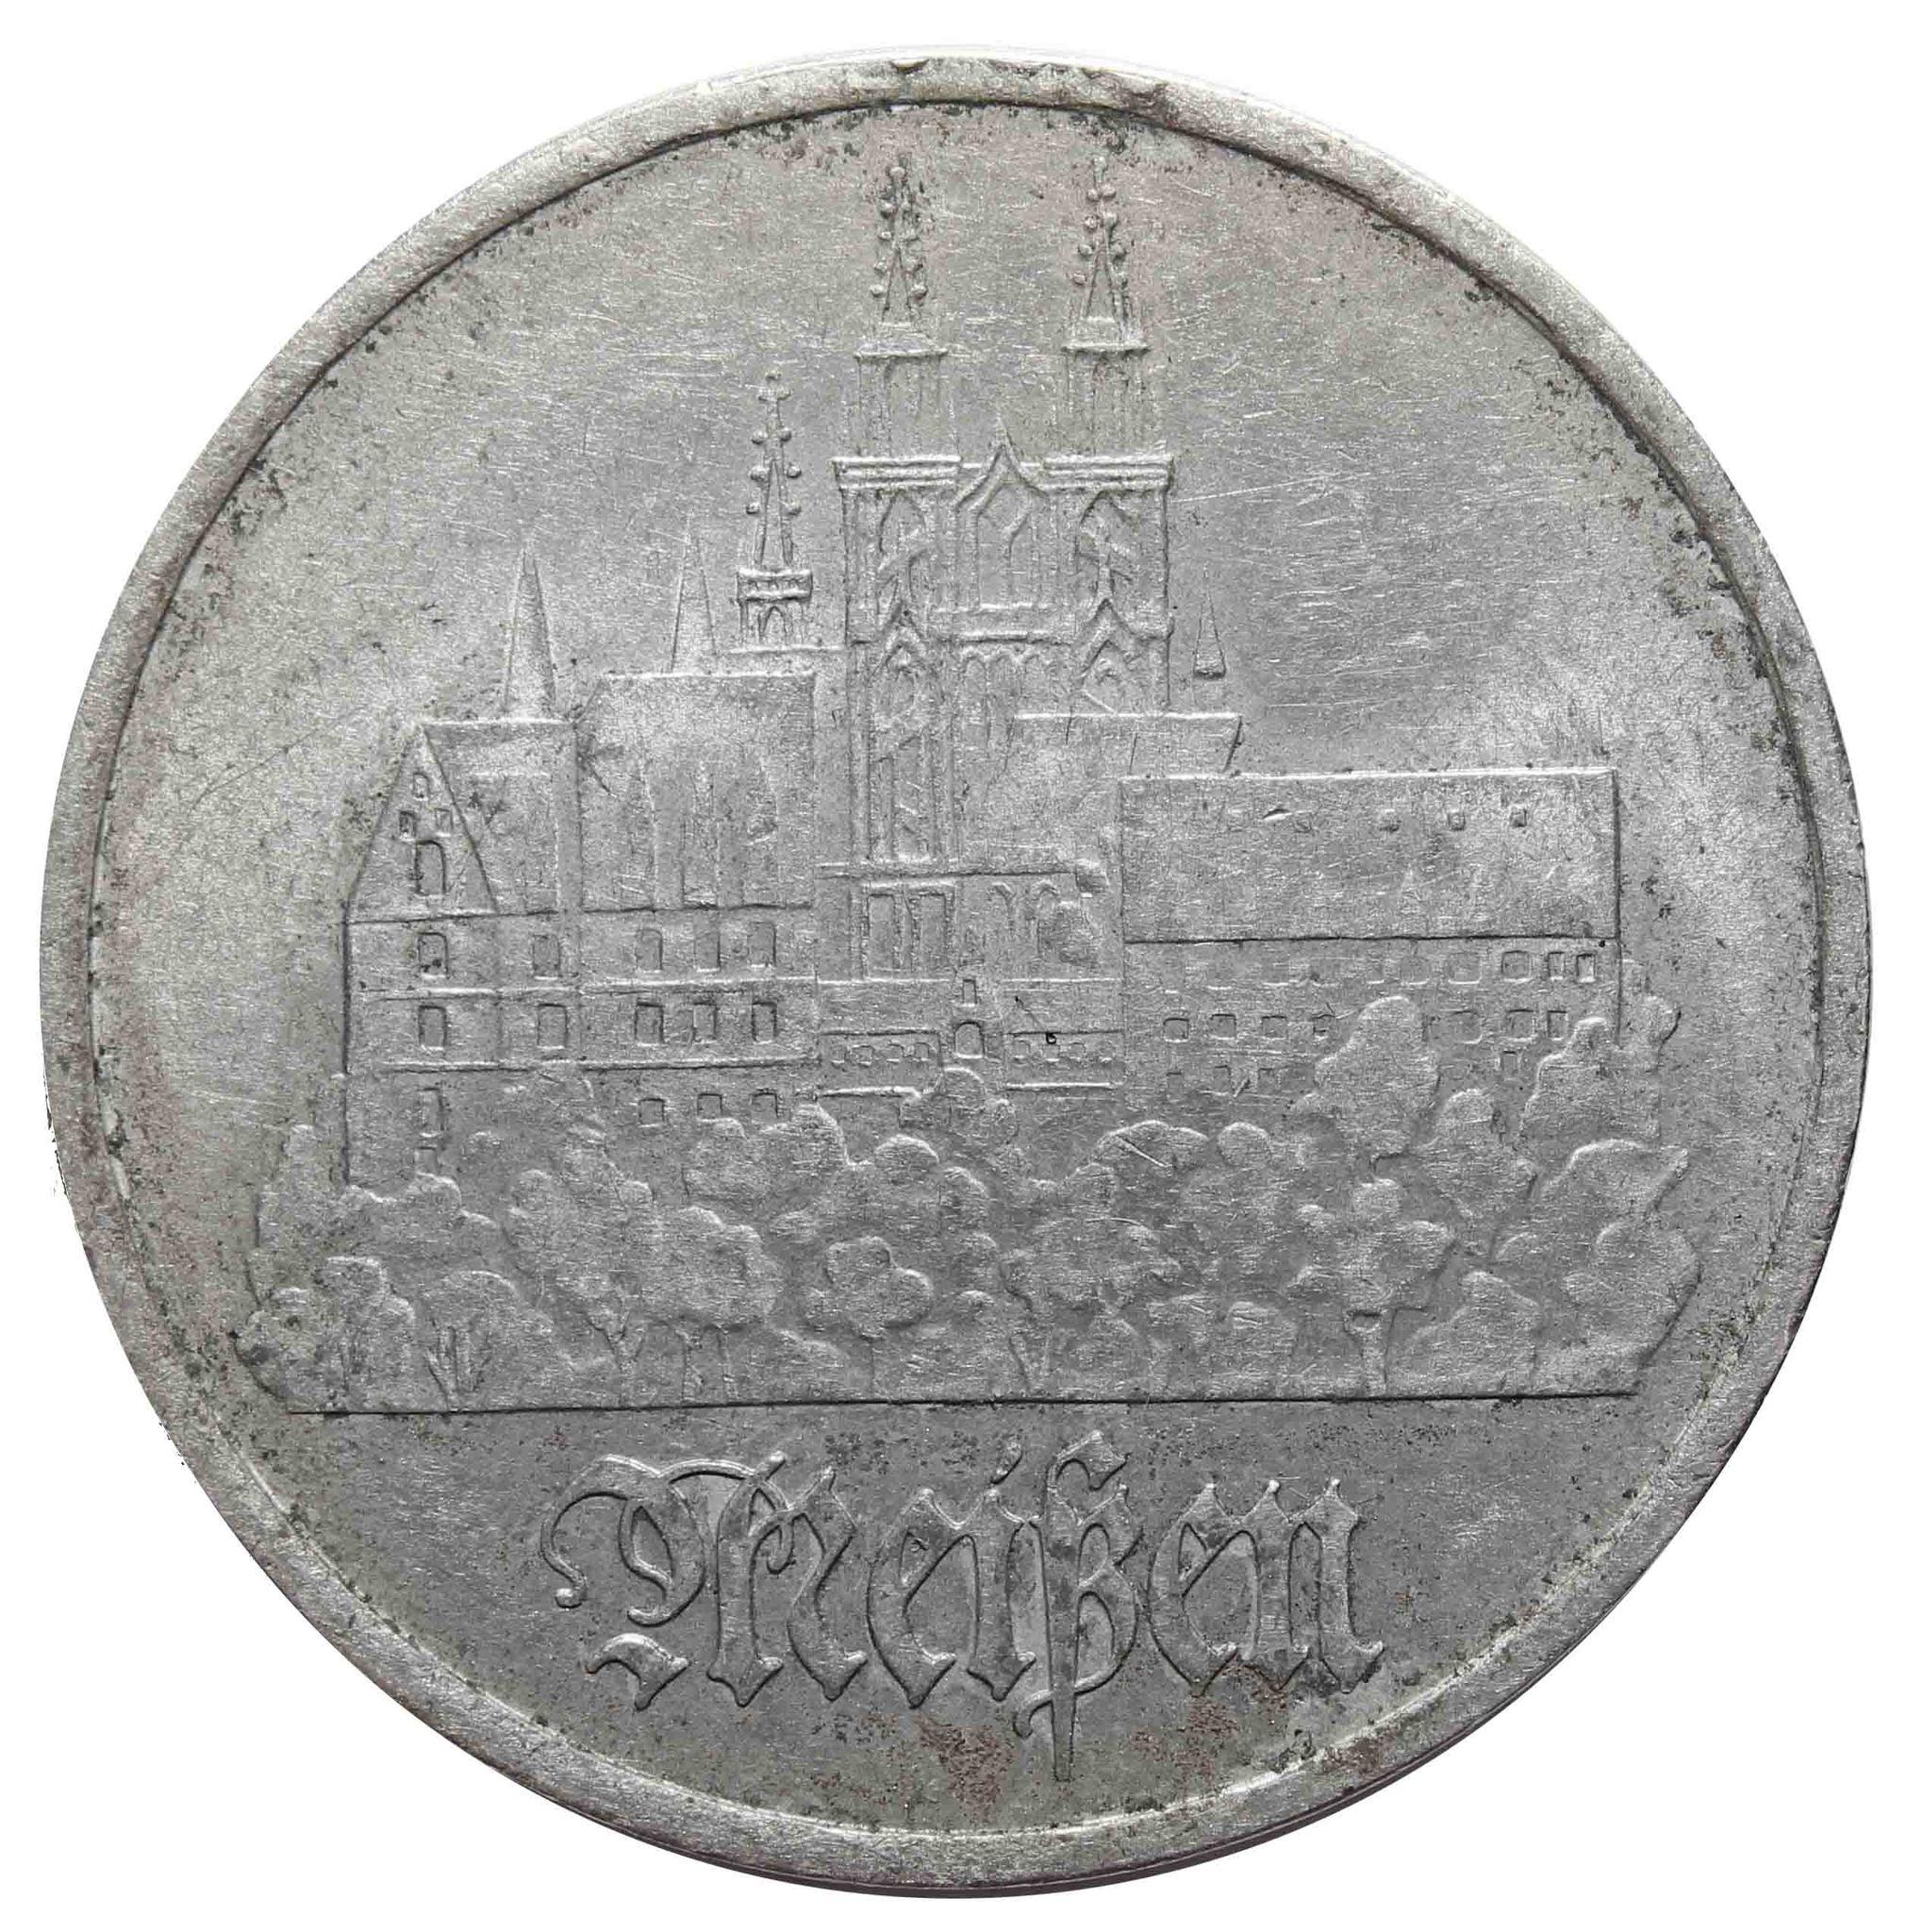 5 марок. Город Мейсен. (A). Германия-ГДР. Медноникель. 1972 год. VF